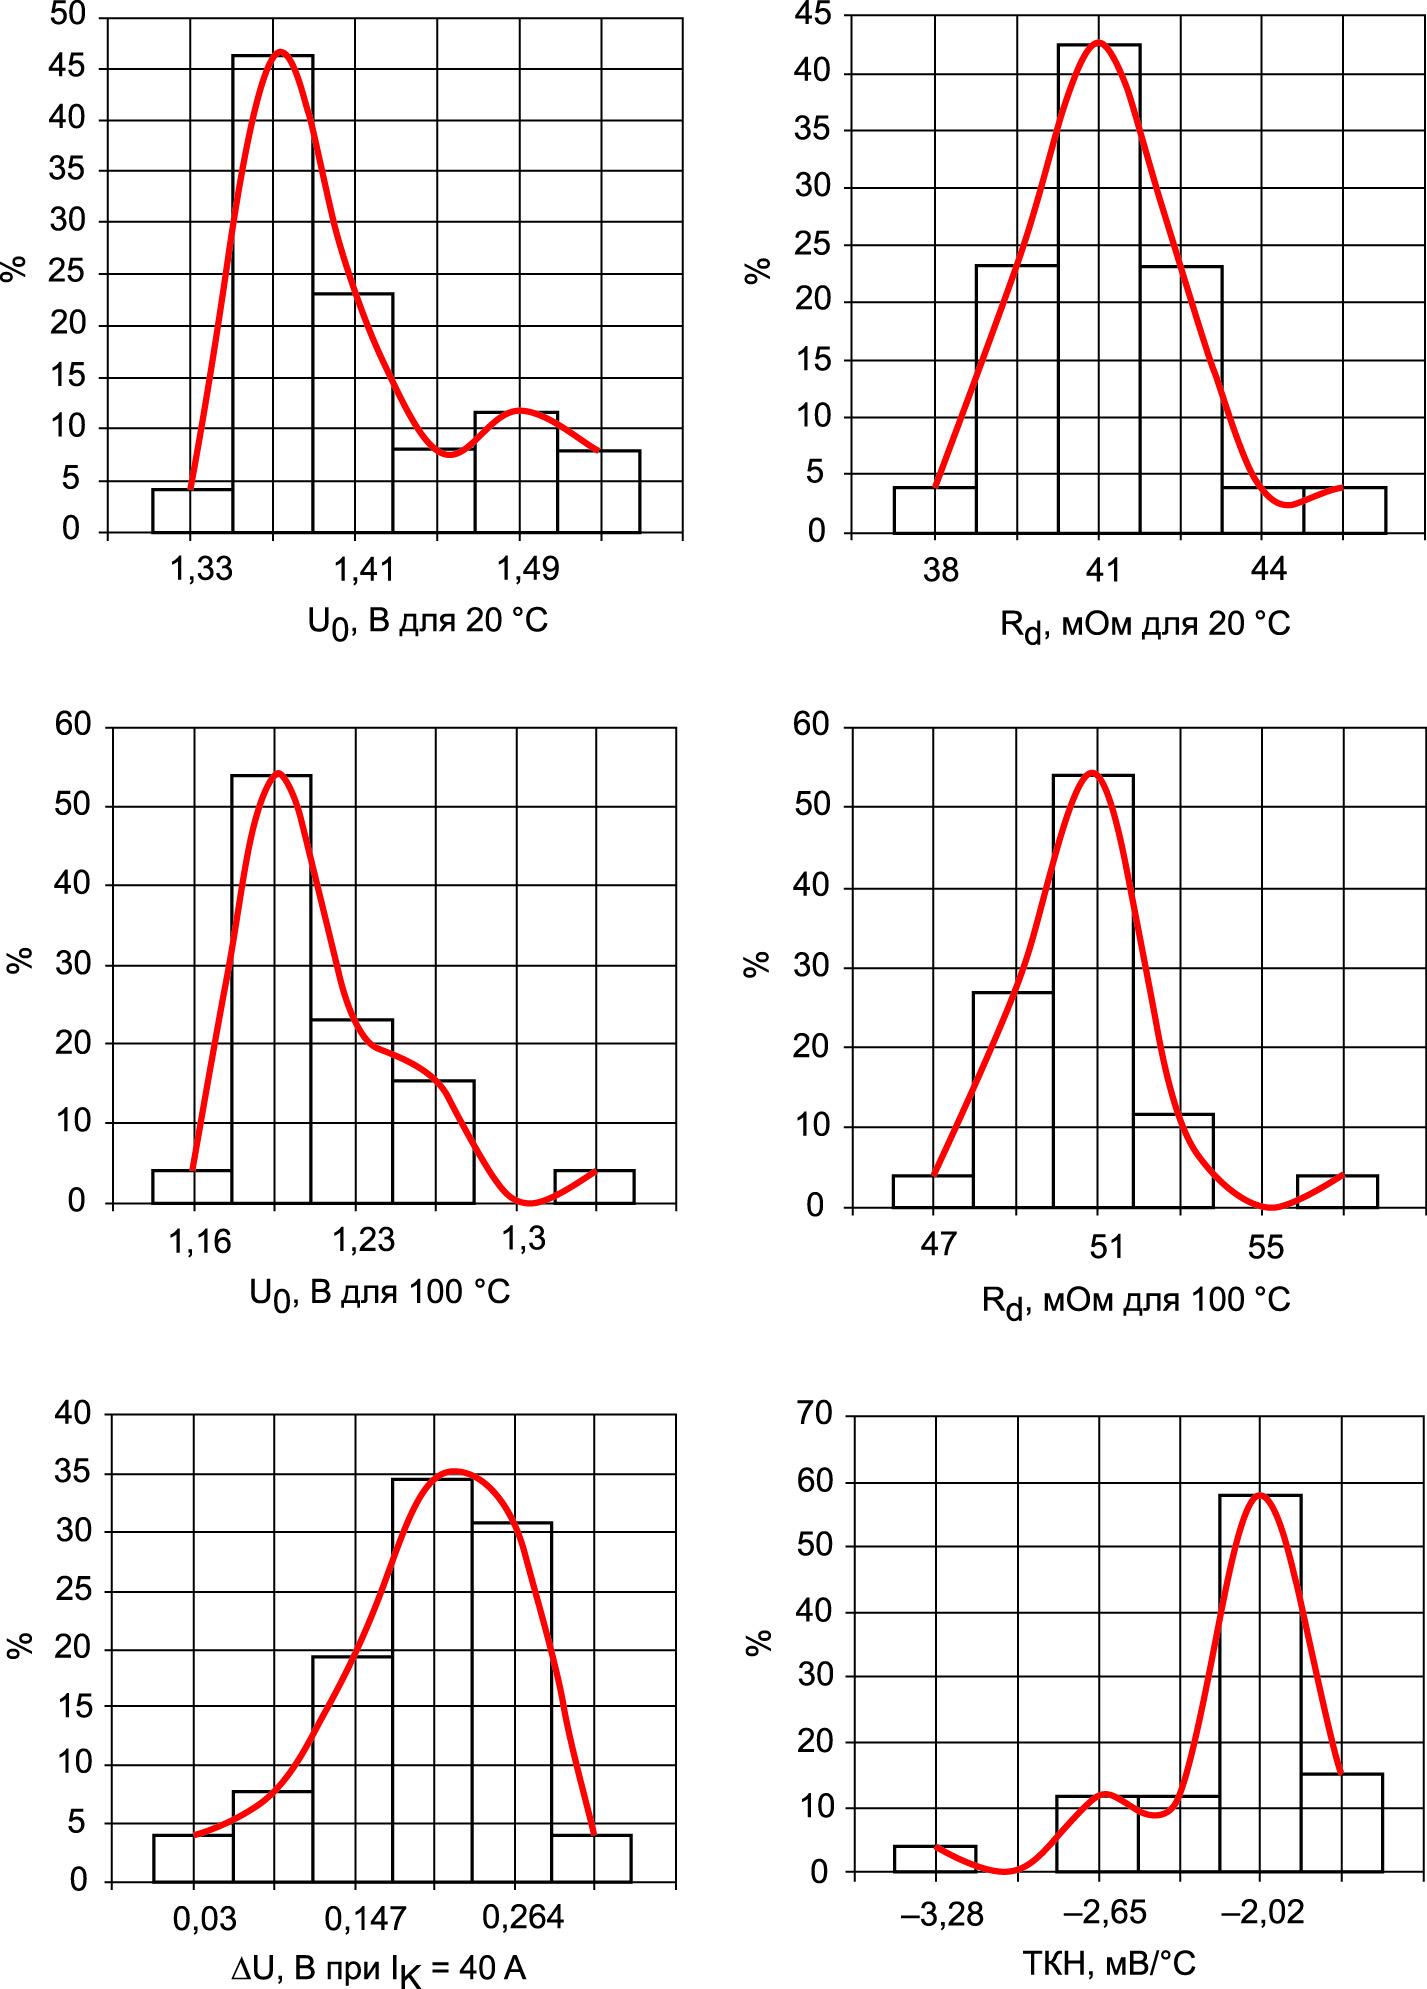 Гистограммы распределения параметров транзисторов, измеренных по вольт-амперным характеристикам, и их огибающие